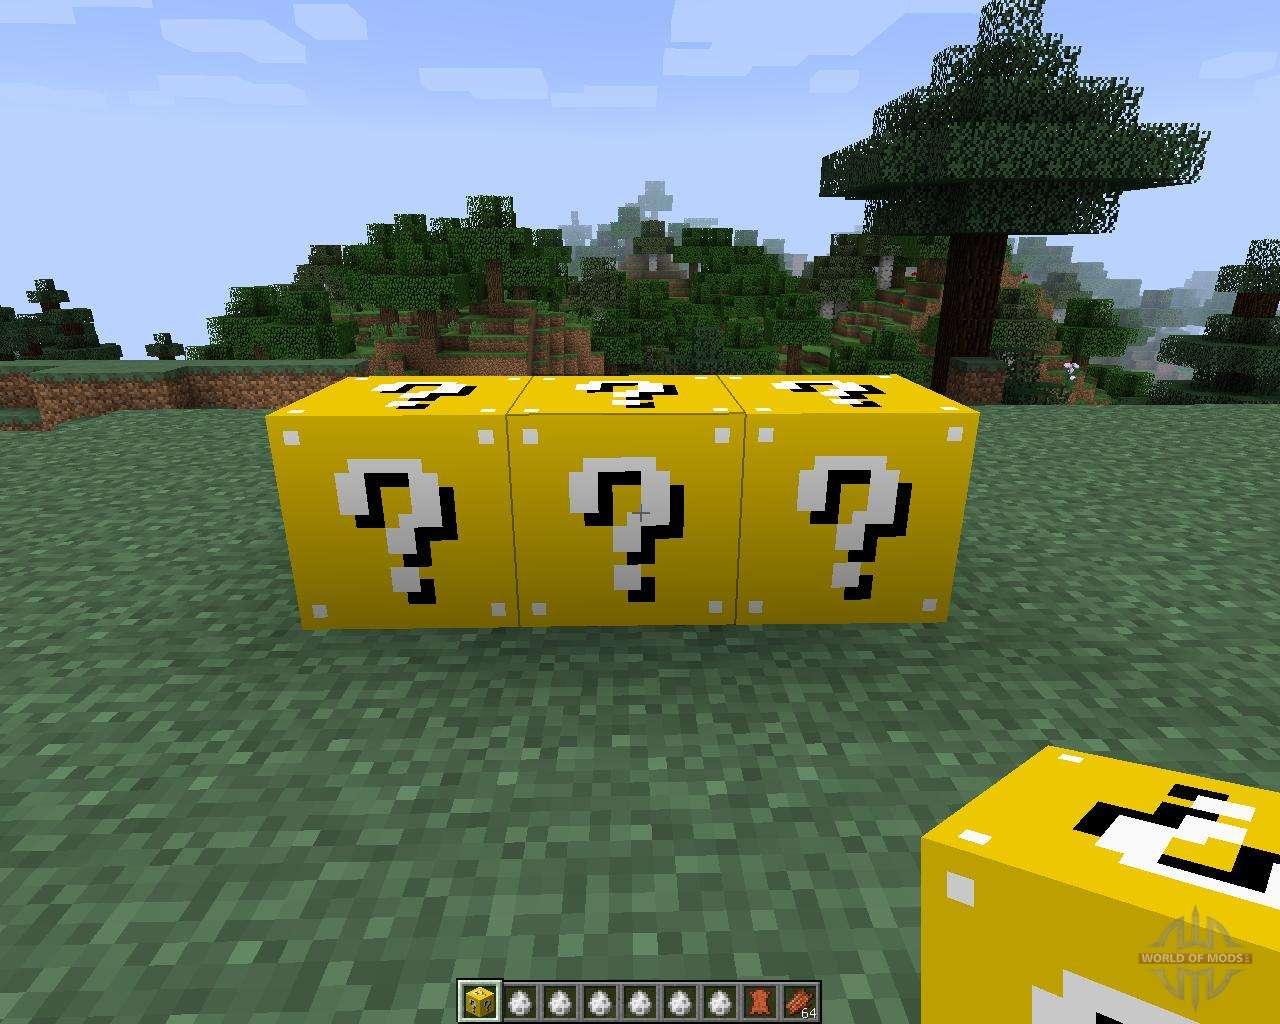 лаки блоки в майнкрафт 1 5 2